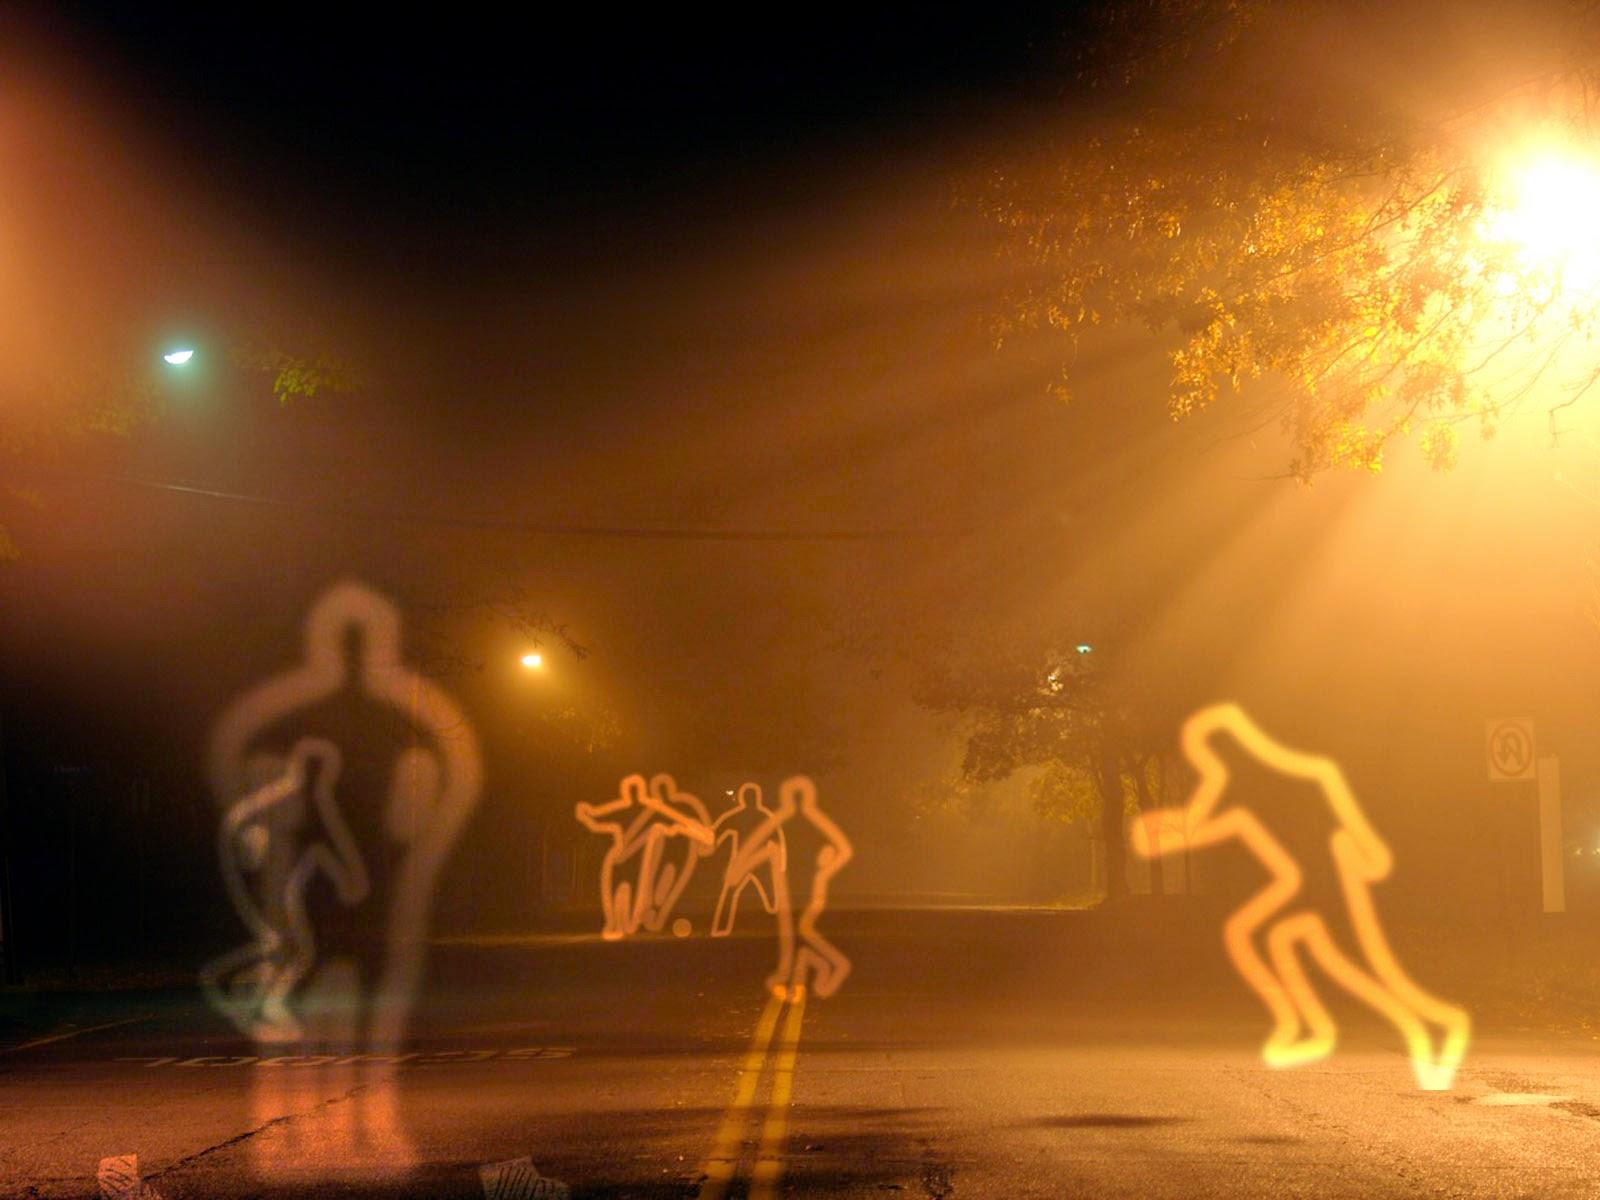 Imagenes Con Movimiento De Futbol - Imágenes con movimiento de jugadas de fútbol